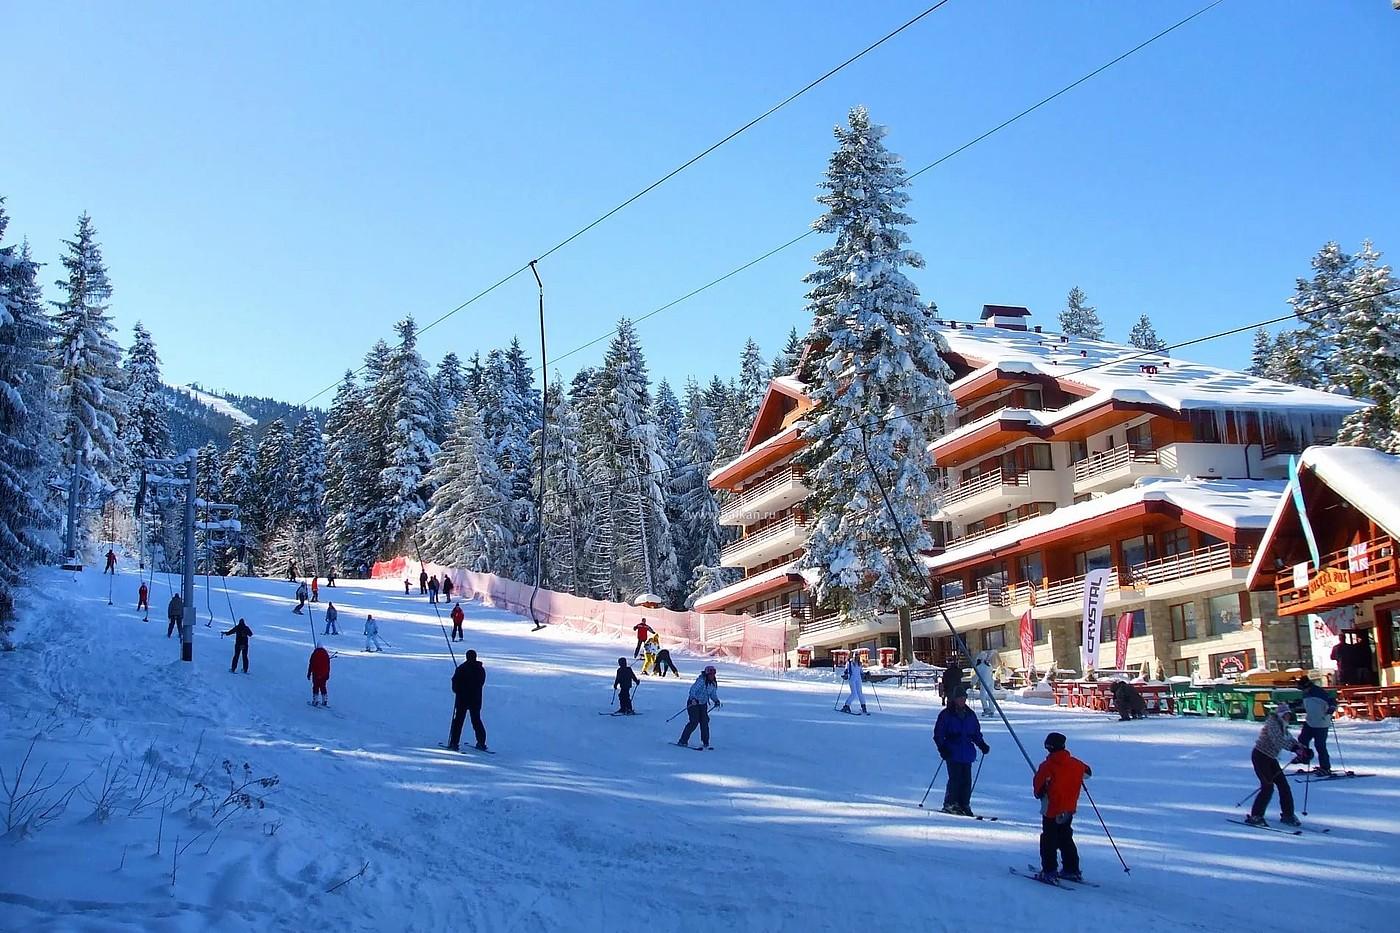 Телец онлайн лыжный курорт в болгарии банско бане давно раскрученная